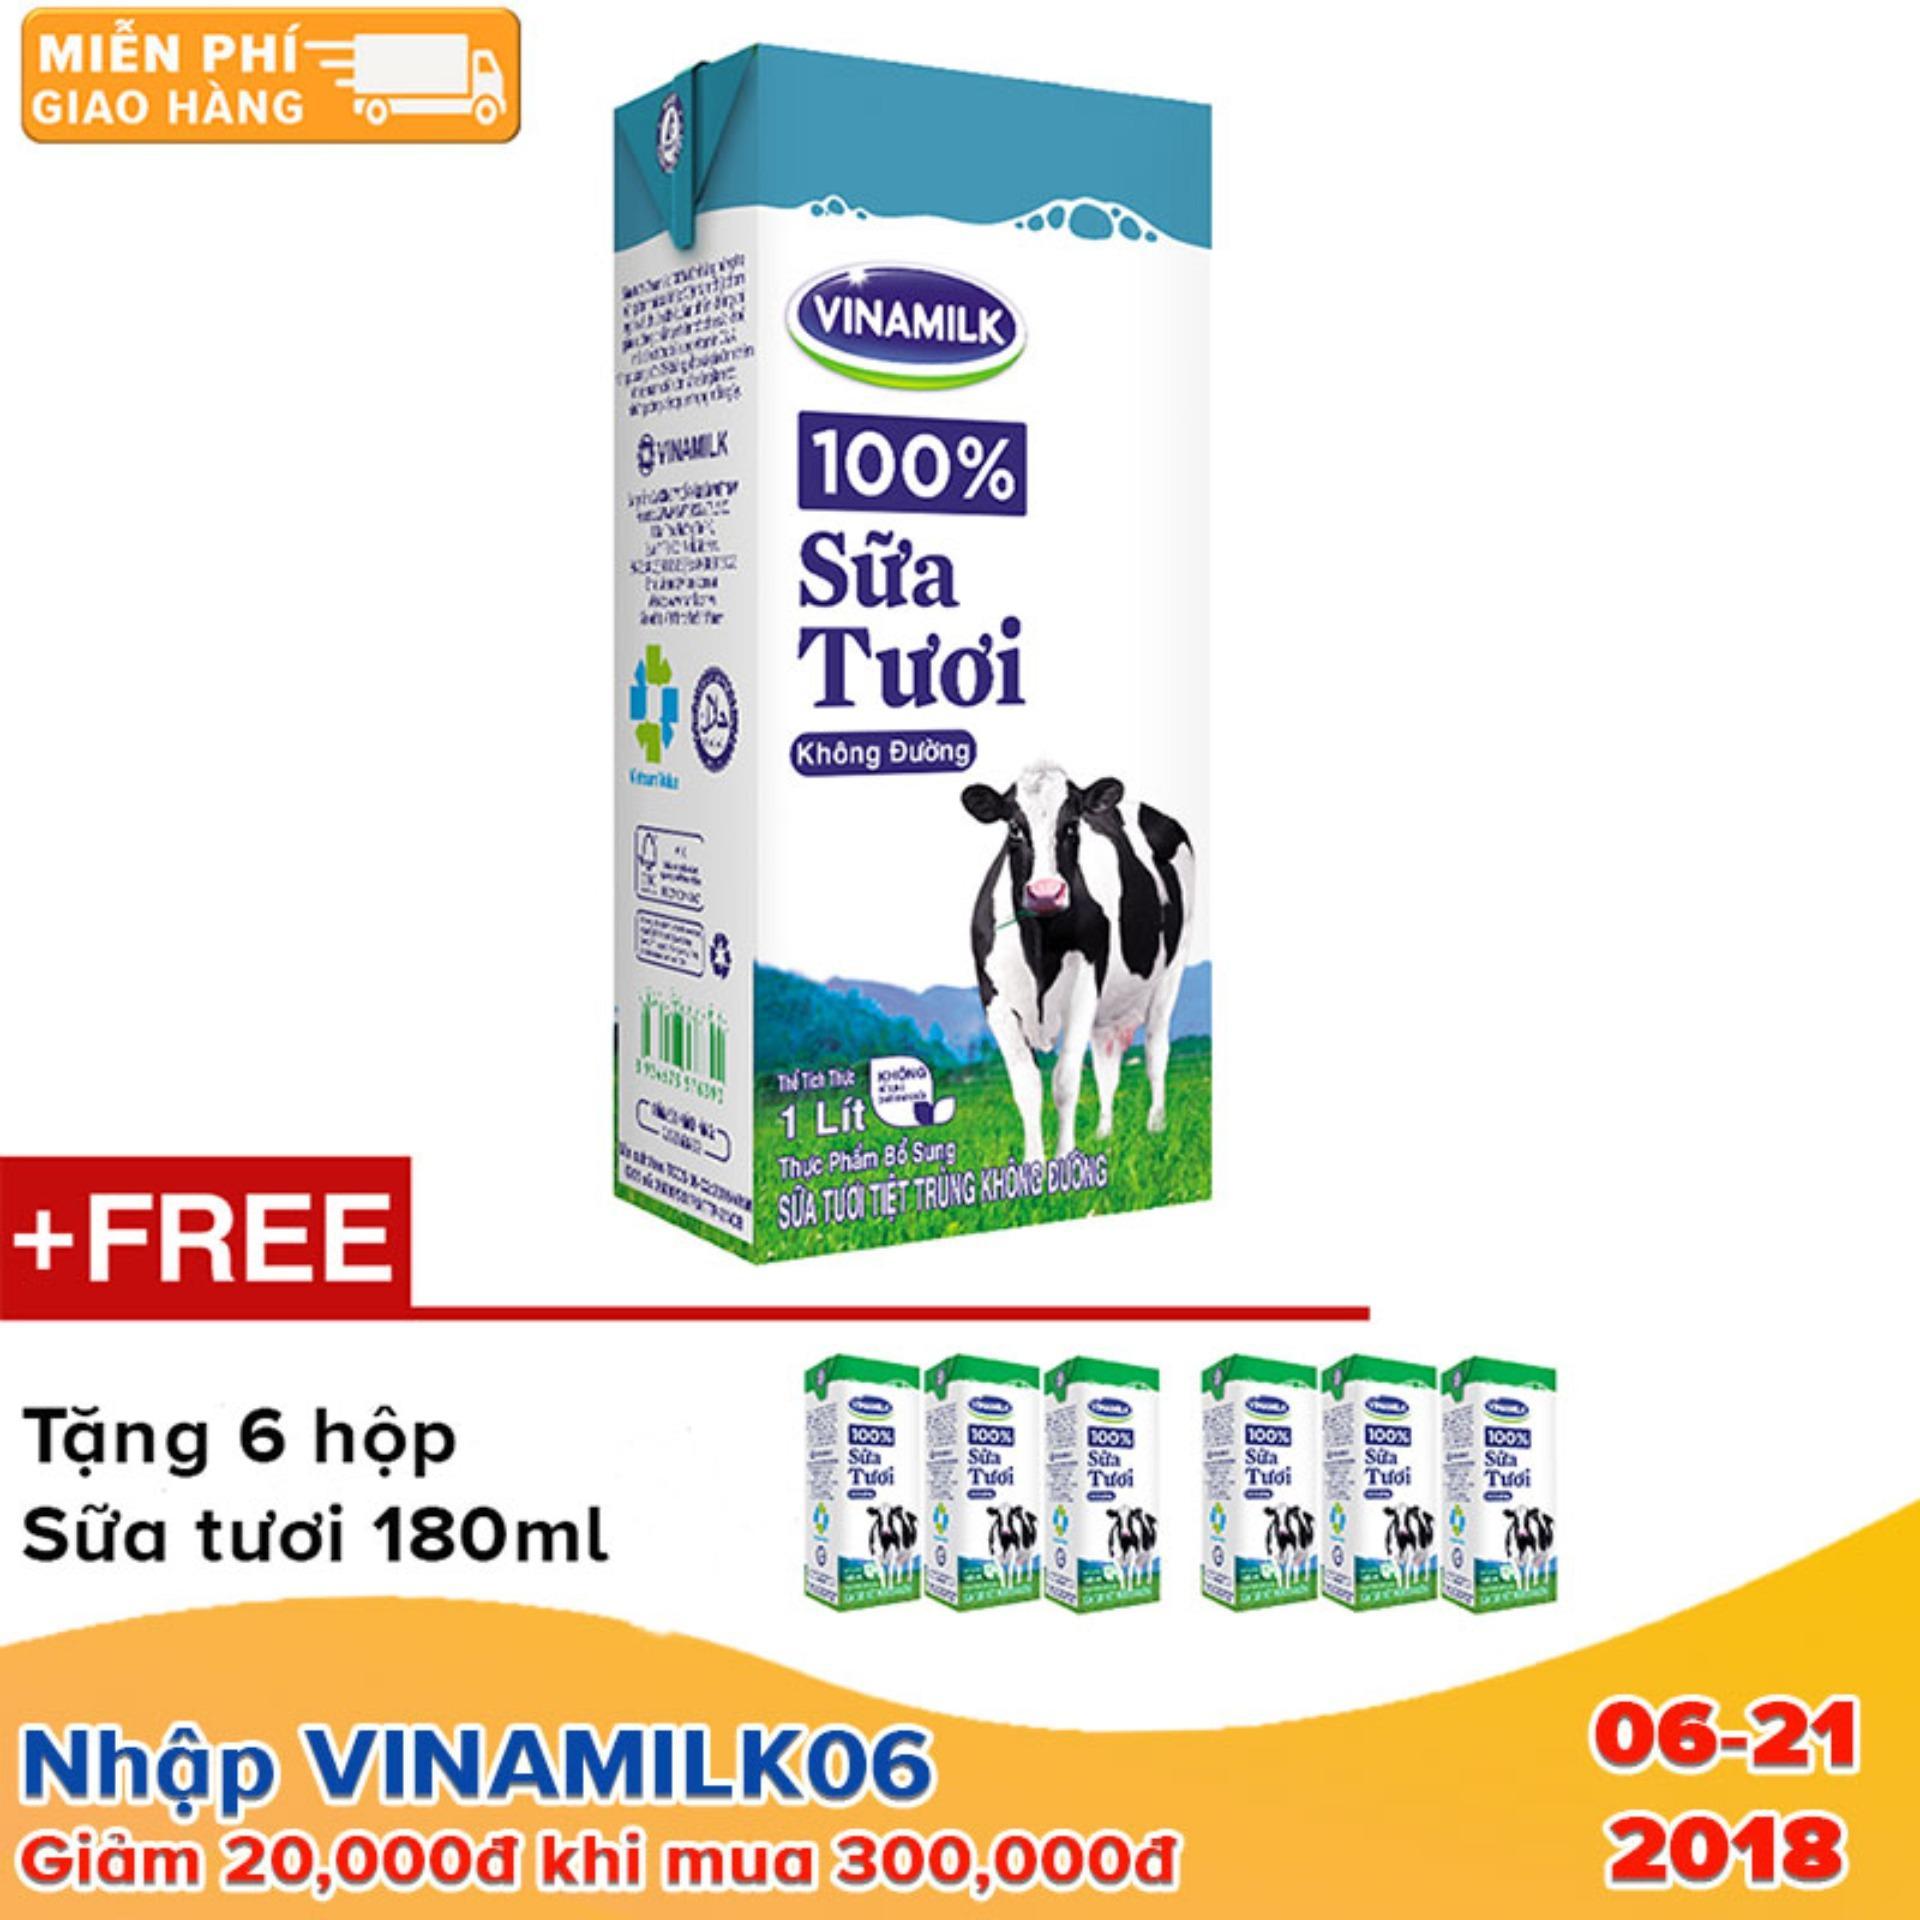 Thùng 12 Hộp Sữa tươi tiệt trùng Vinamilk 100% Không đường 1L (Hộp giấy) +Tặng 6 hộp sữa tươi Vinamilk 100% 180ml